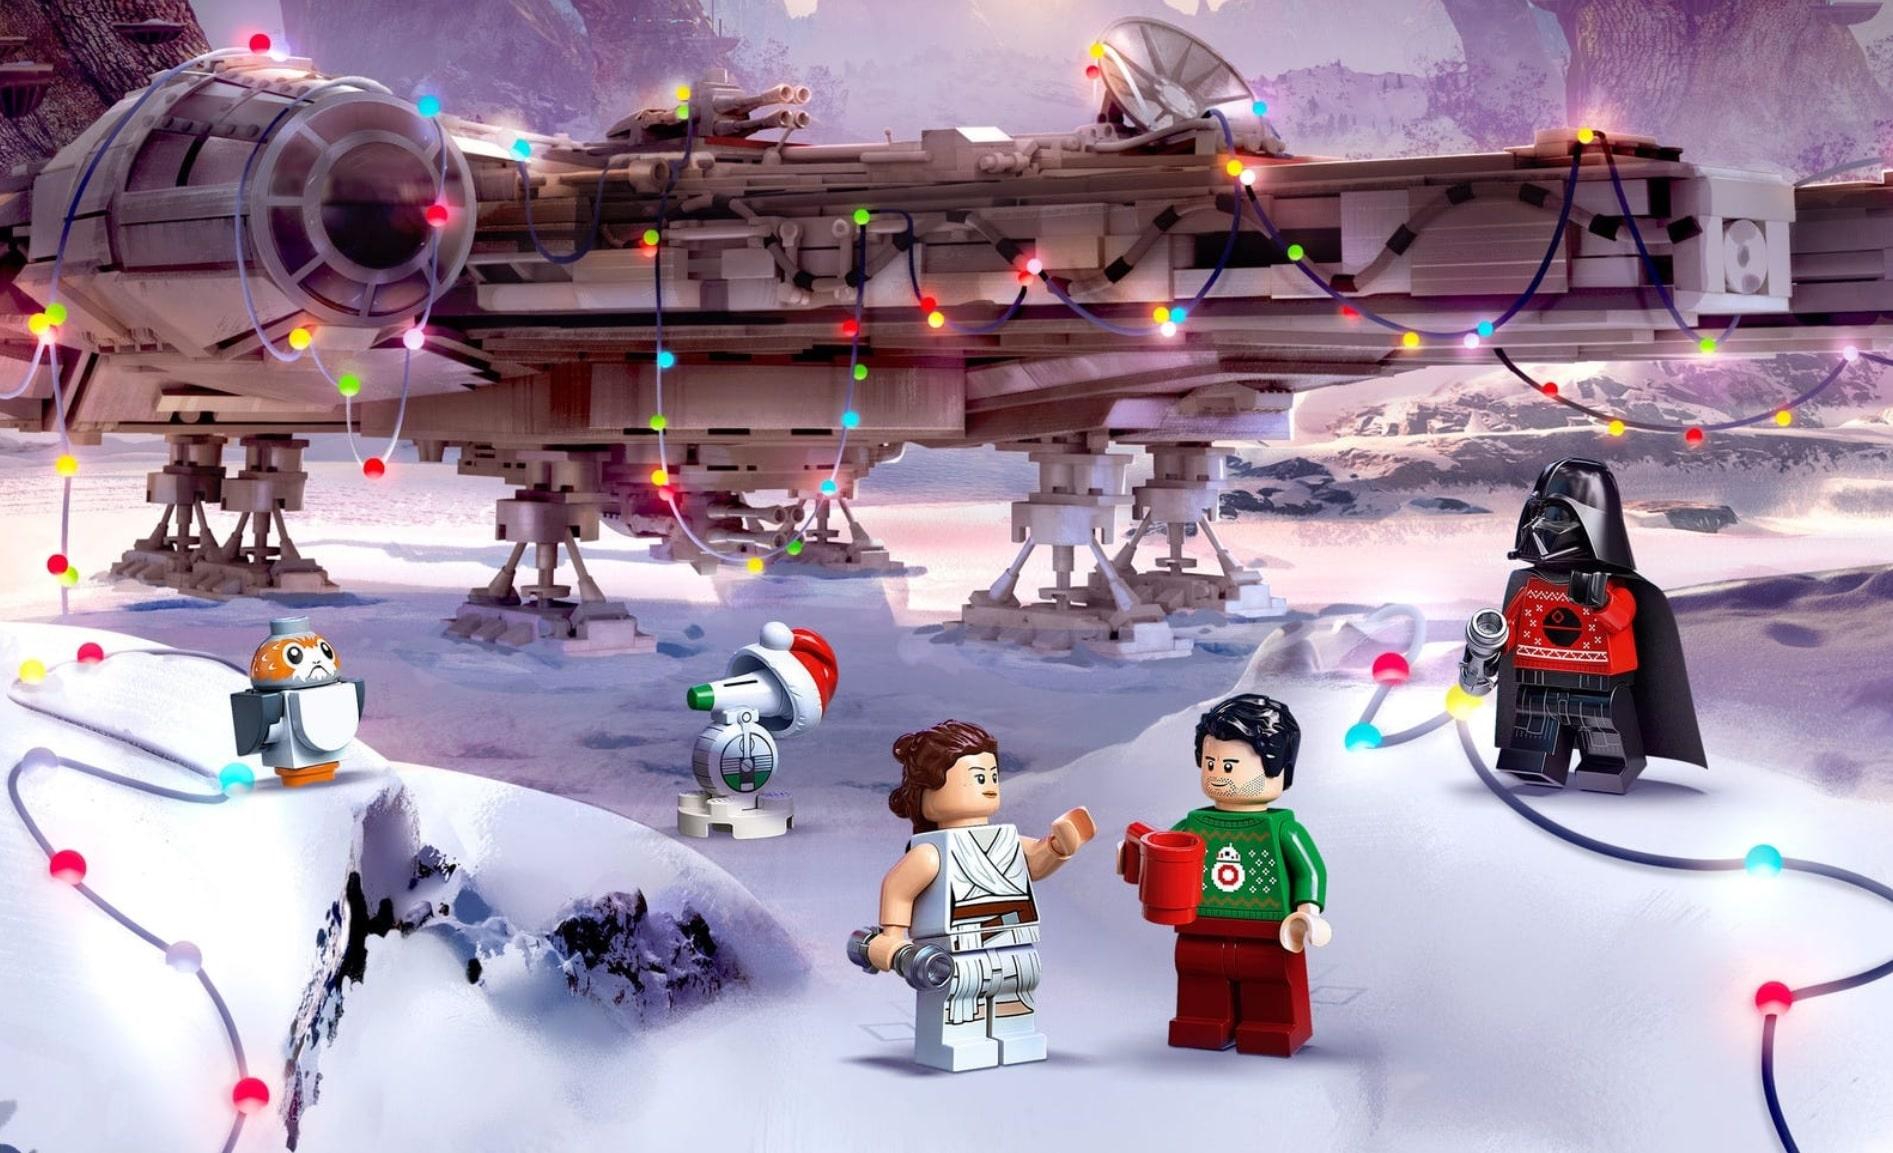 75279 Le calendrier de l'Avent Star Wars | Wiki LEGO | Fandom